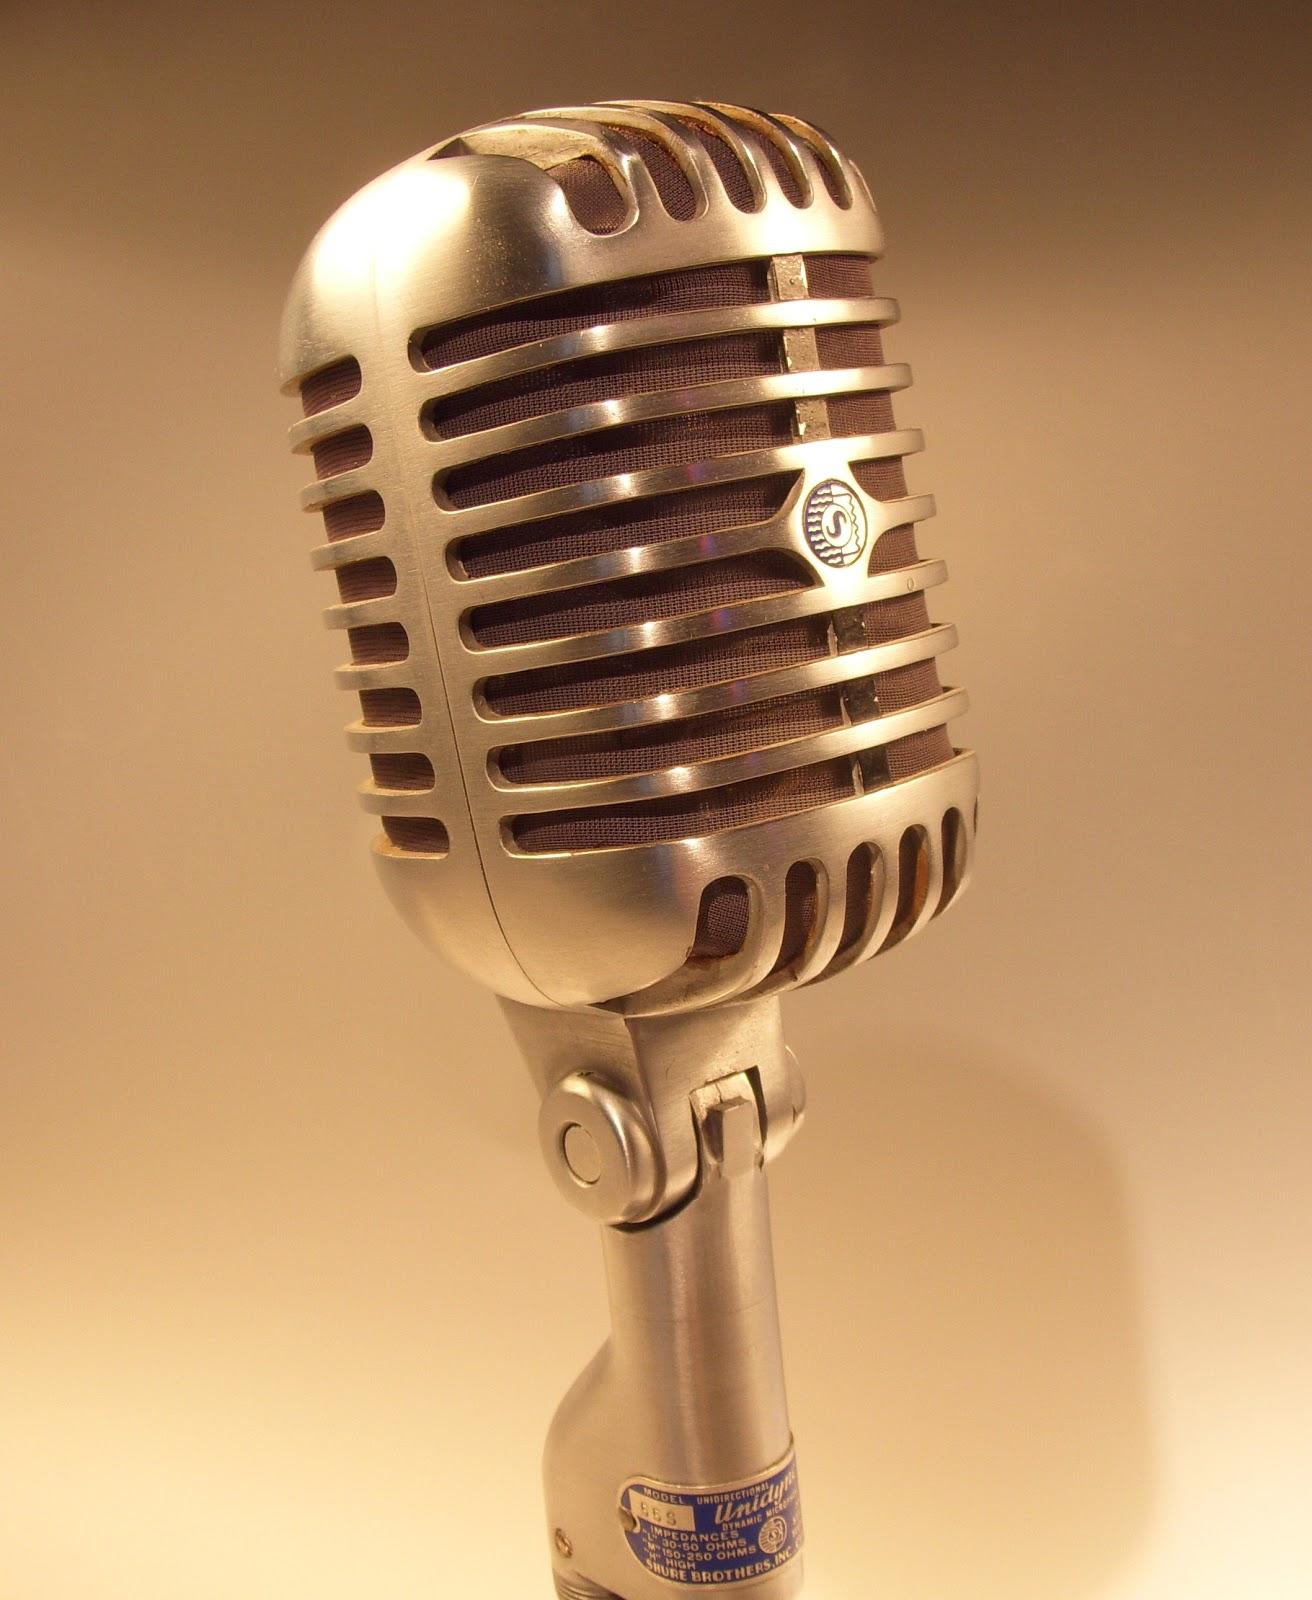 siz ne diyorsunuz mikrofon ile ilgili görsel sonucu